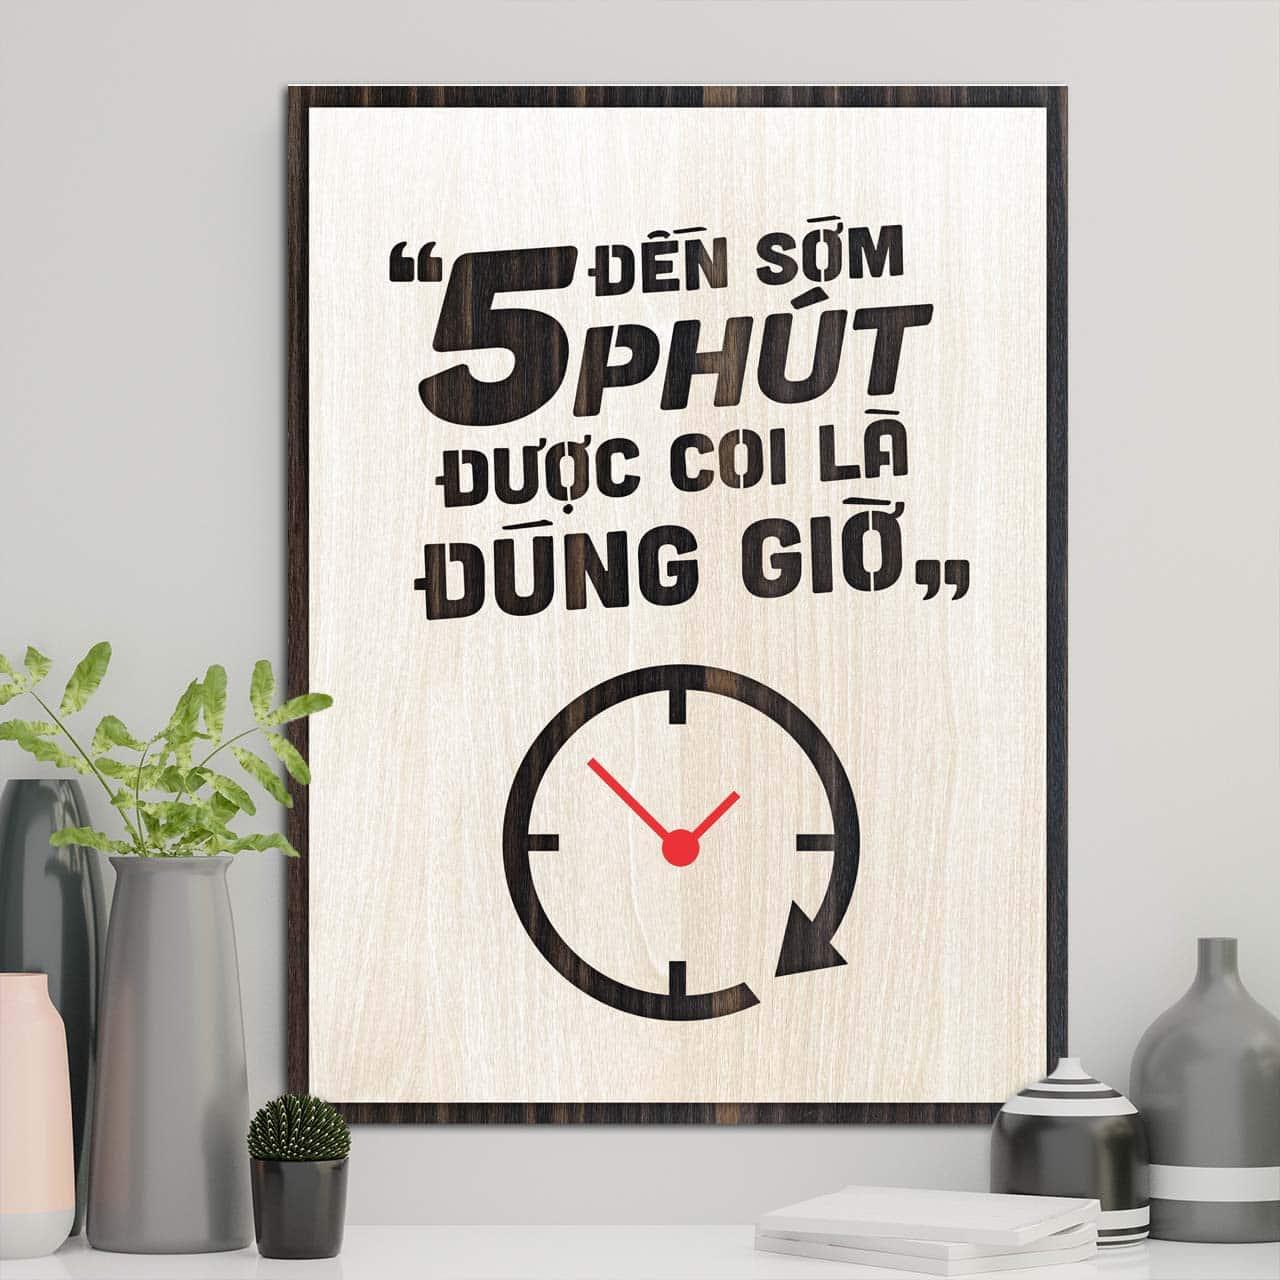 đến sớm 5 phút được coi là đúng giờ